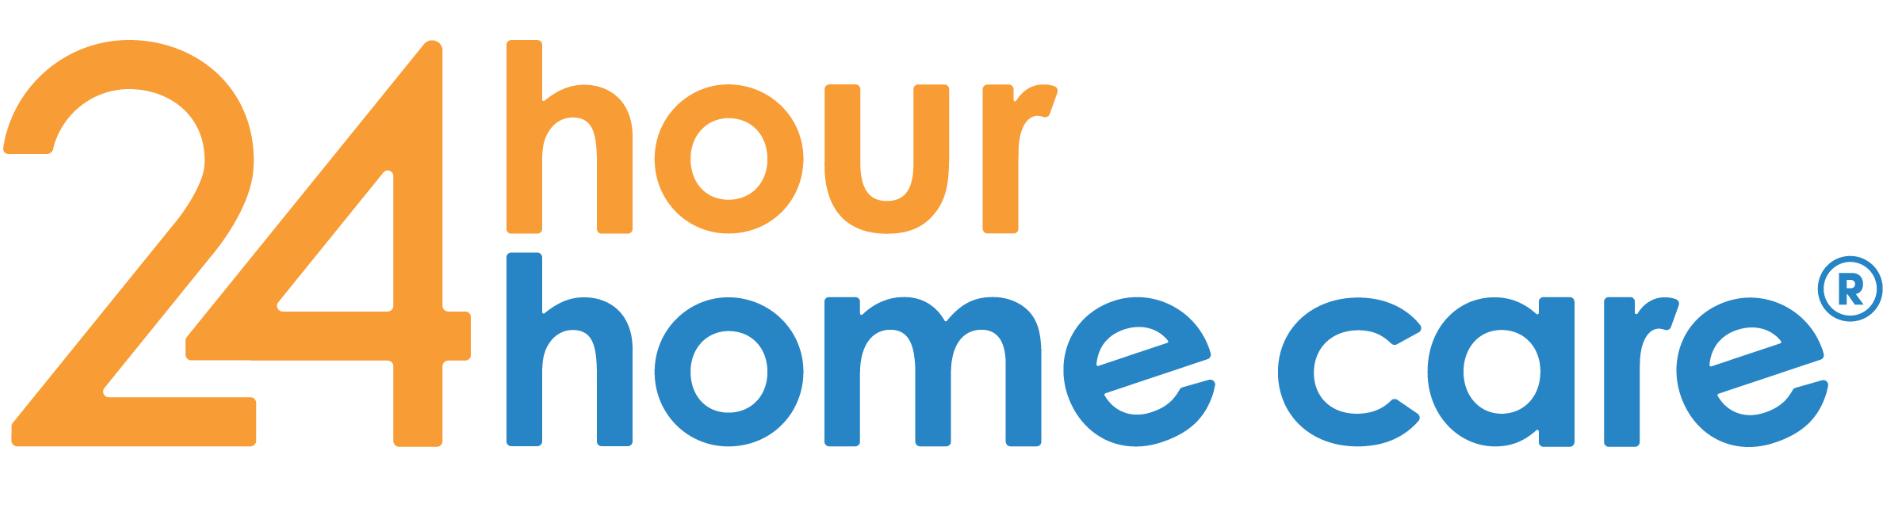 24 Hour Home Care, LLC